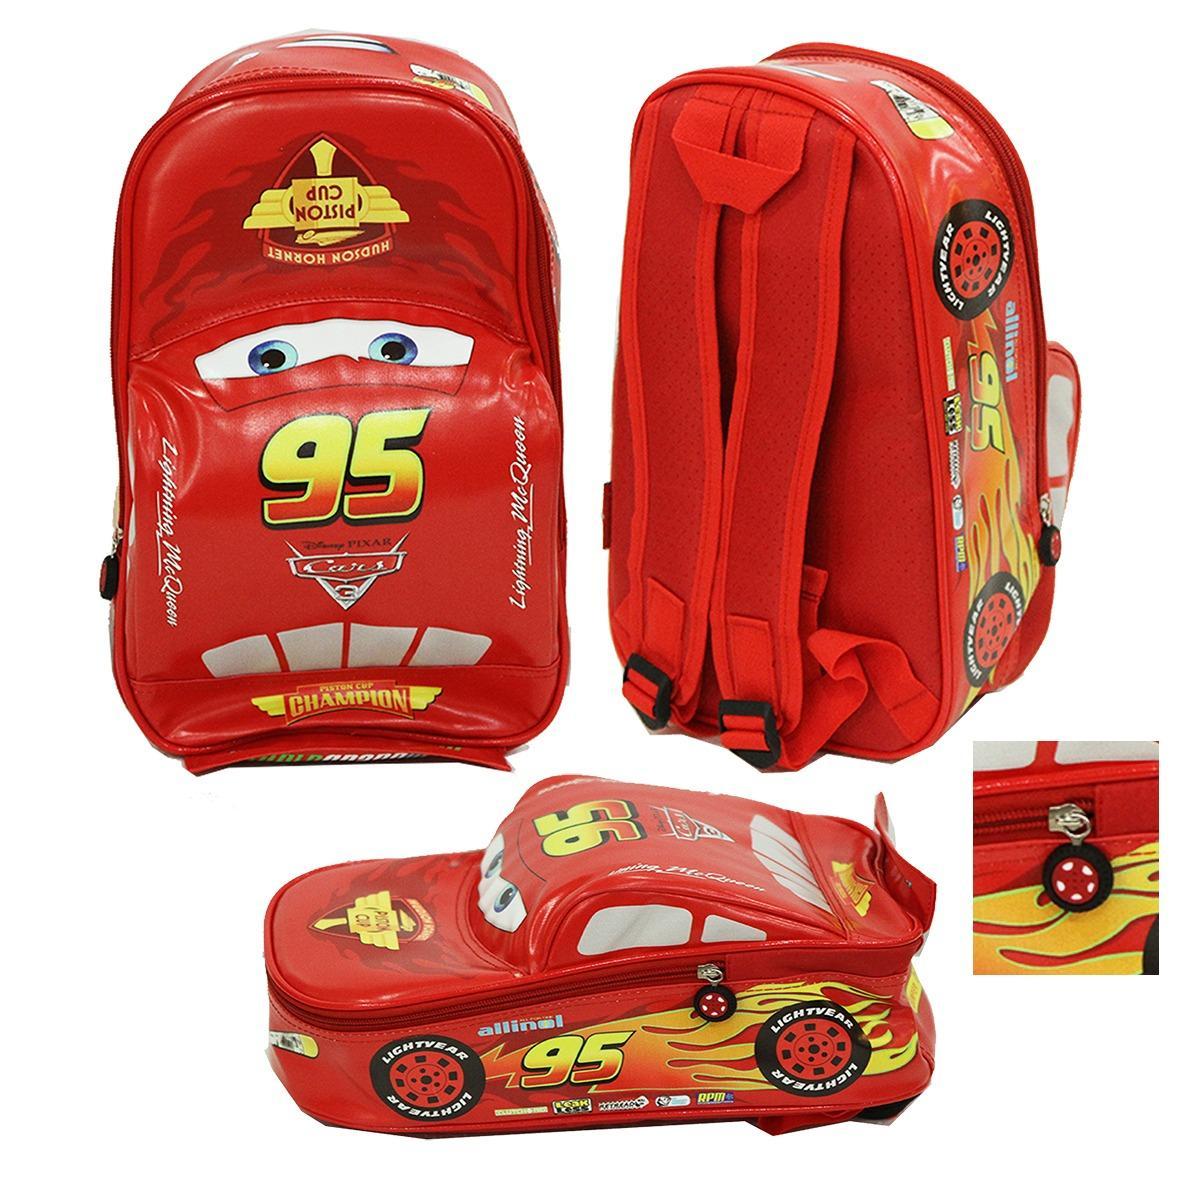 Onlan Cars McQueen Tas Ransel Anak Sekolah Play Group Bahan Sponge Tahan Air Bentuk Mobil Unik - Red